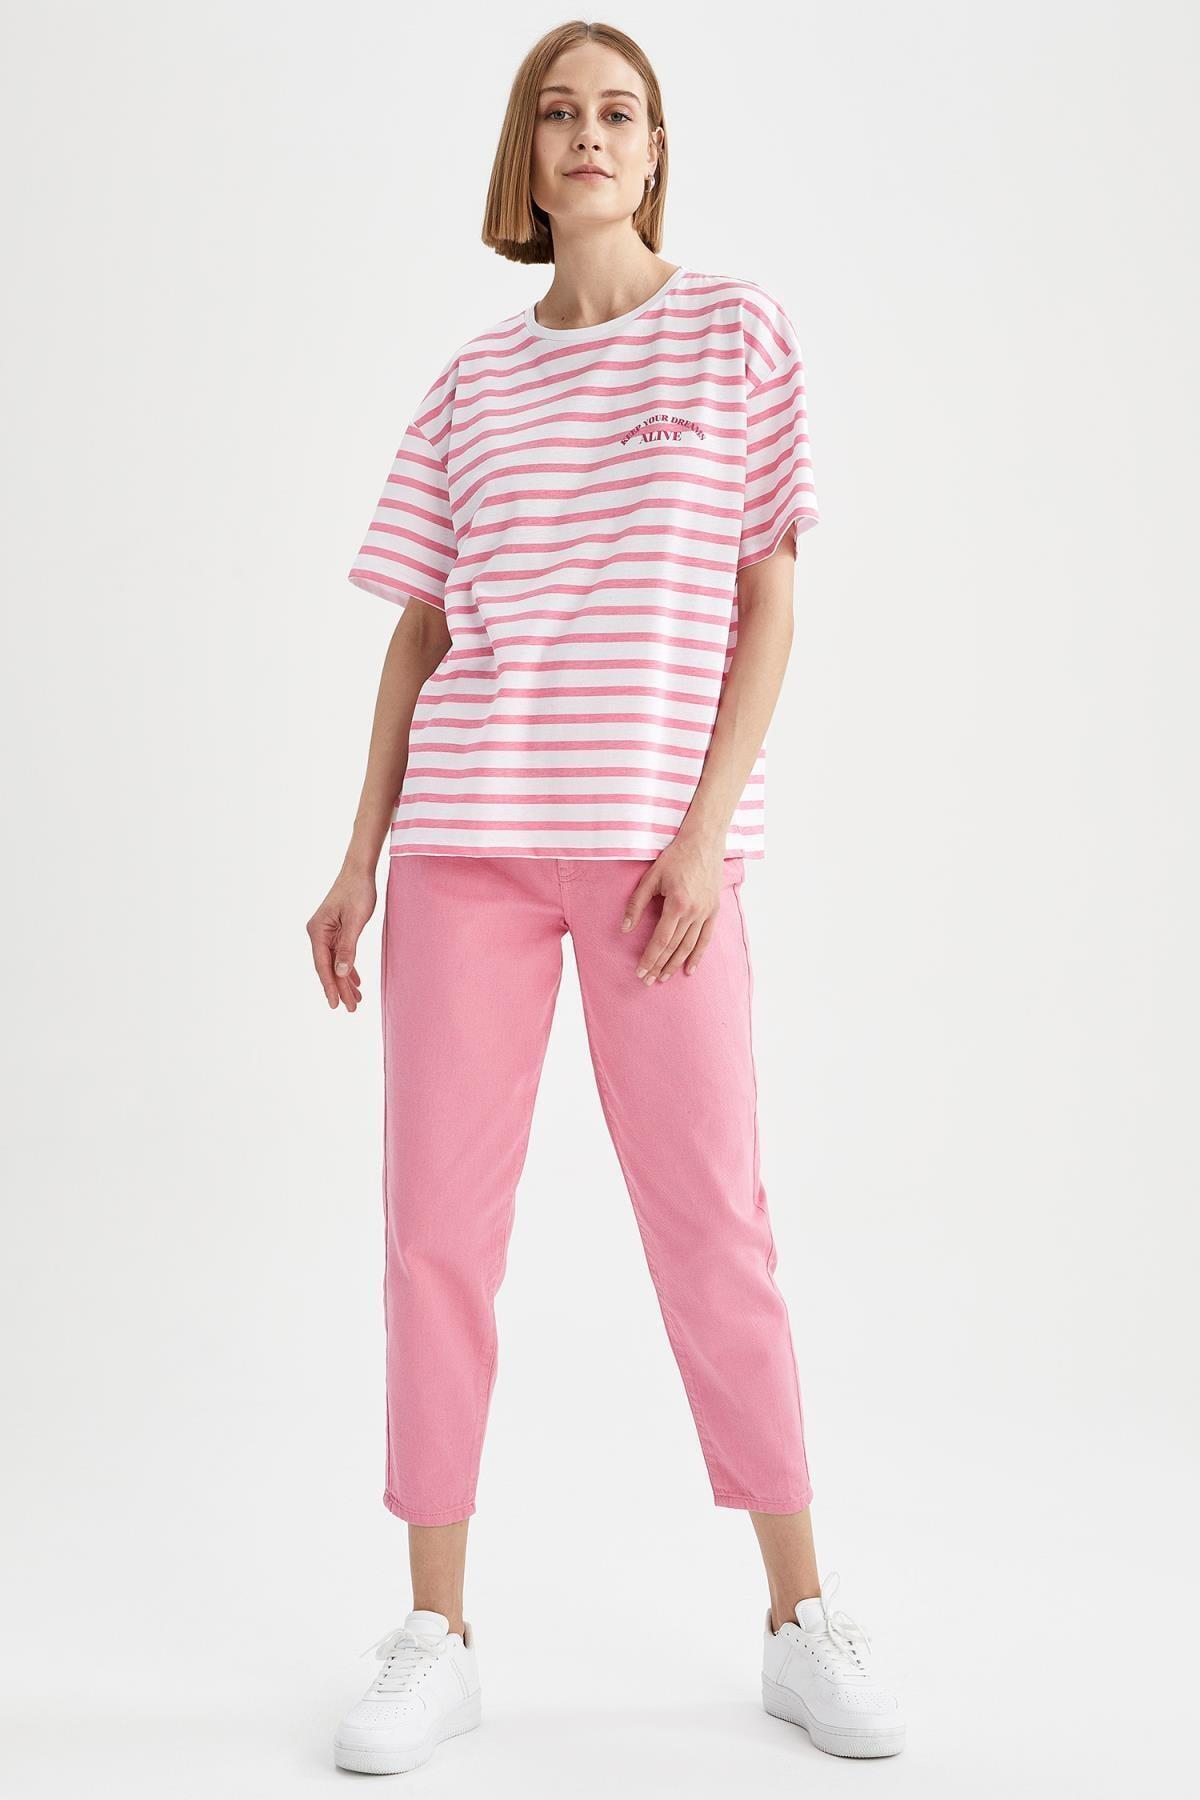 Kadın Çizgili Oversize Fit Kısa Kollu Tişört